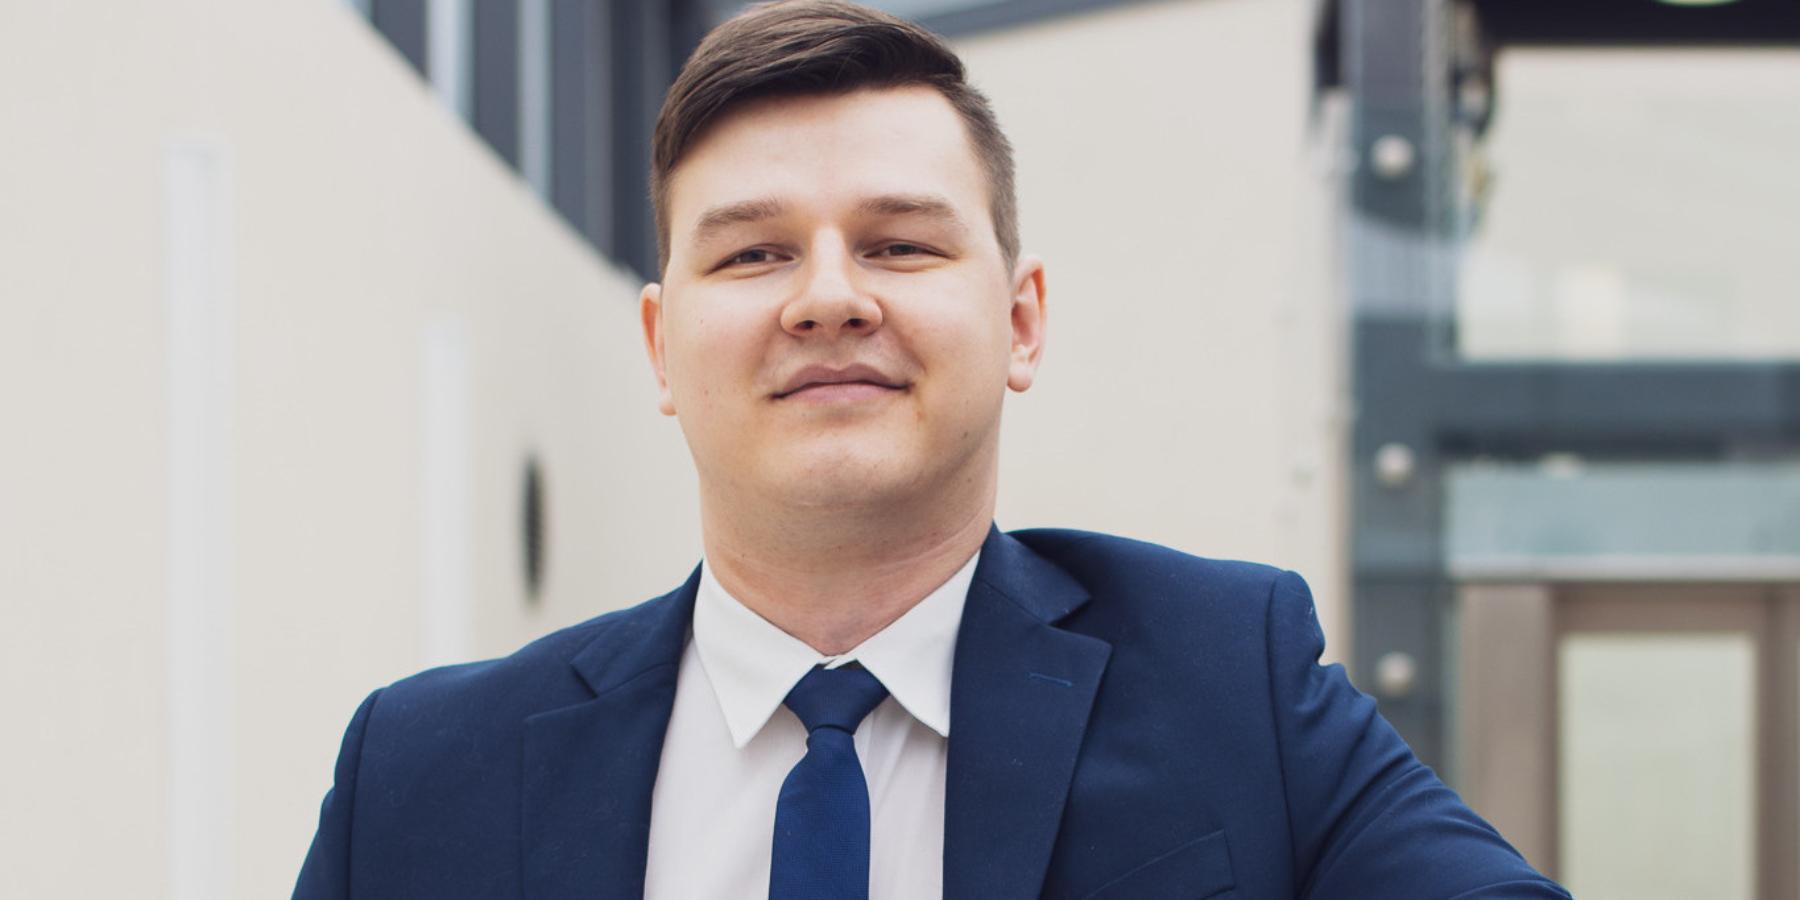 Polski startup tworzy aplikację dogłosowania online. Projekt został doceniony wHongkongu iprzezKomisję Europejską